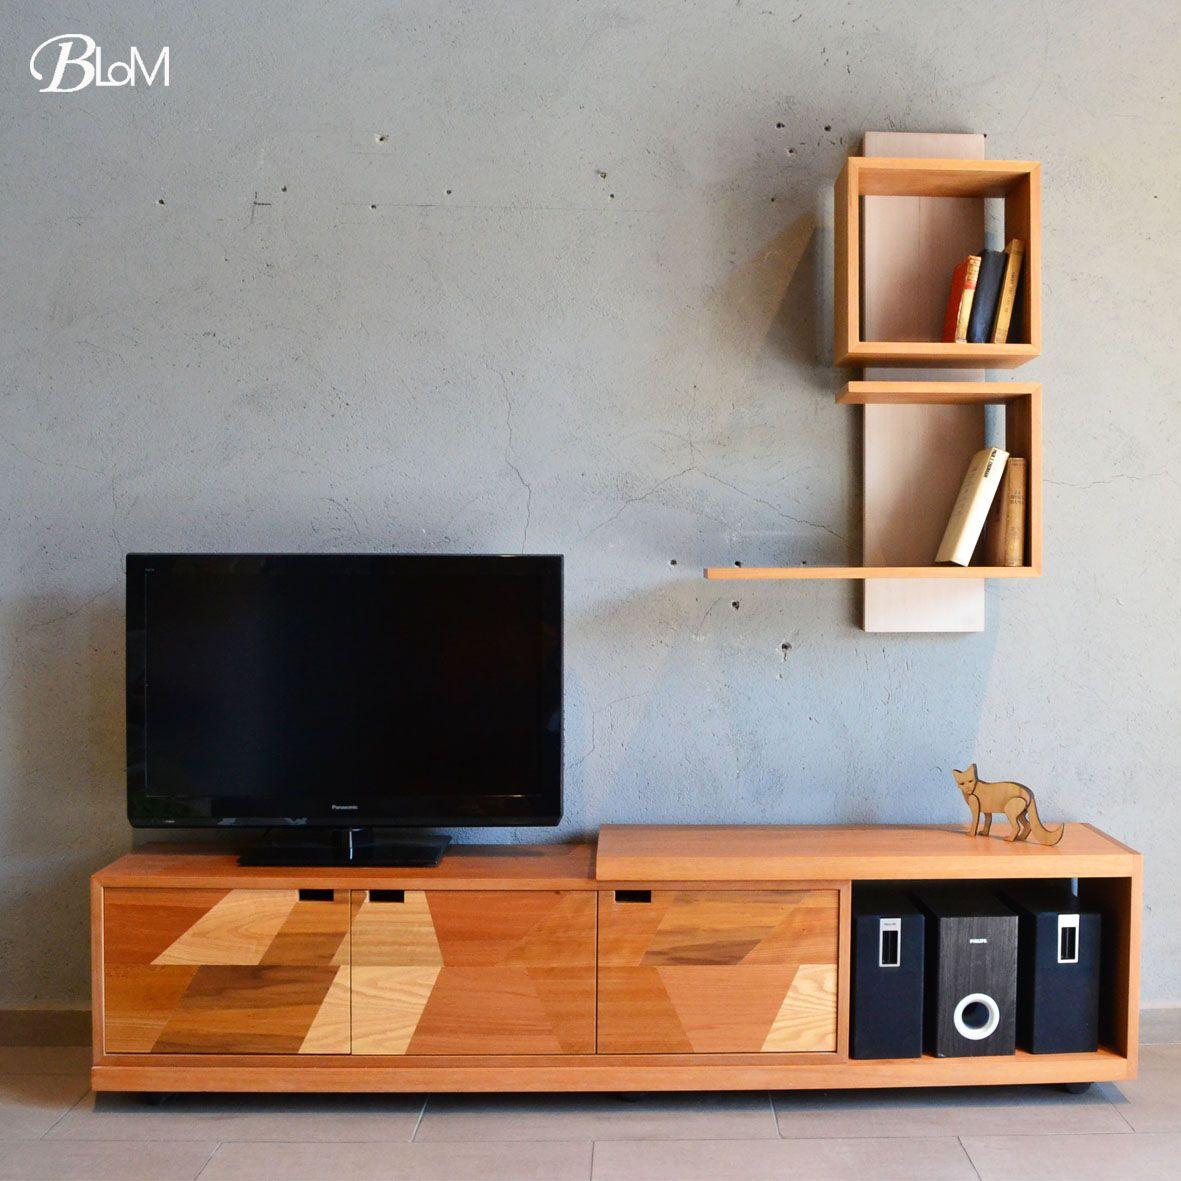 Rack Aconcagua Bajo Un Dise O C Lido Y Elegante Que Combina  # Muebles Diferentes